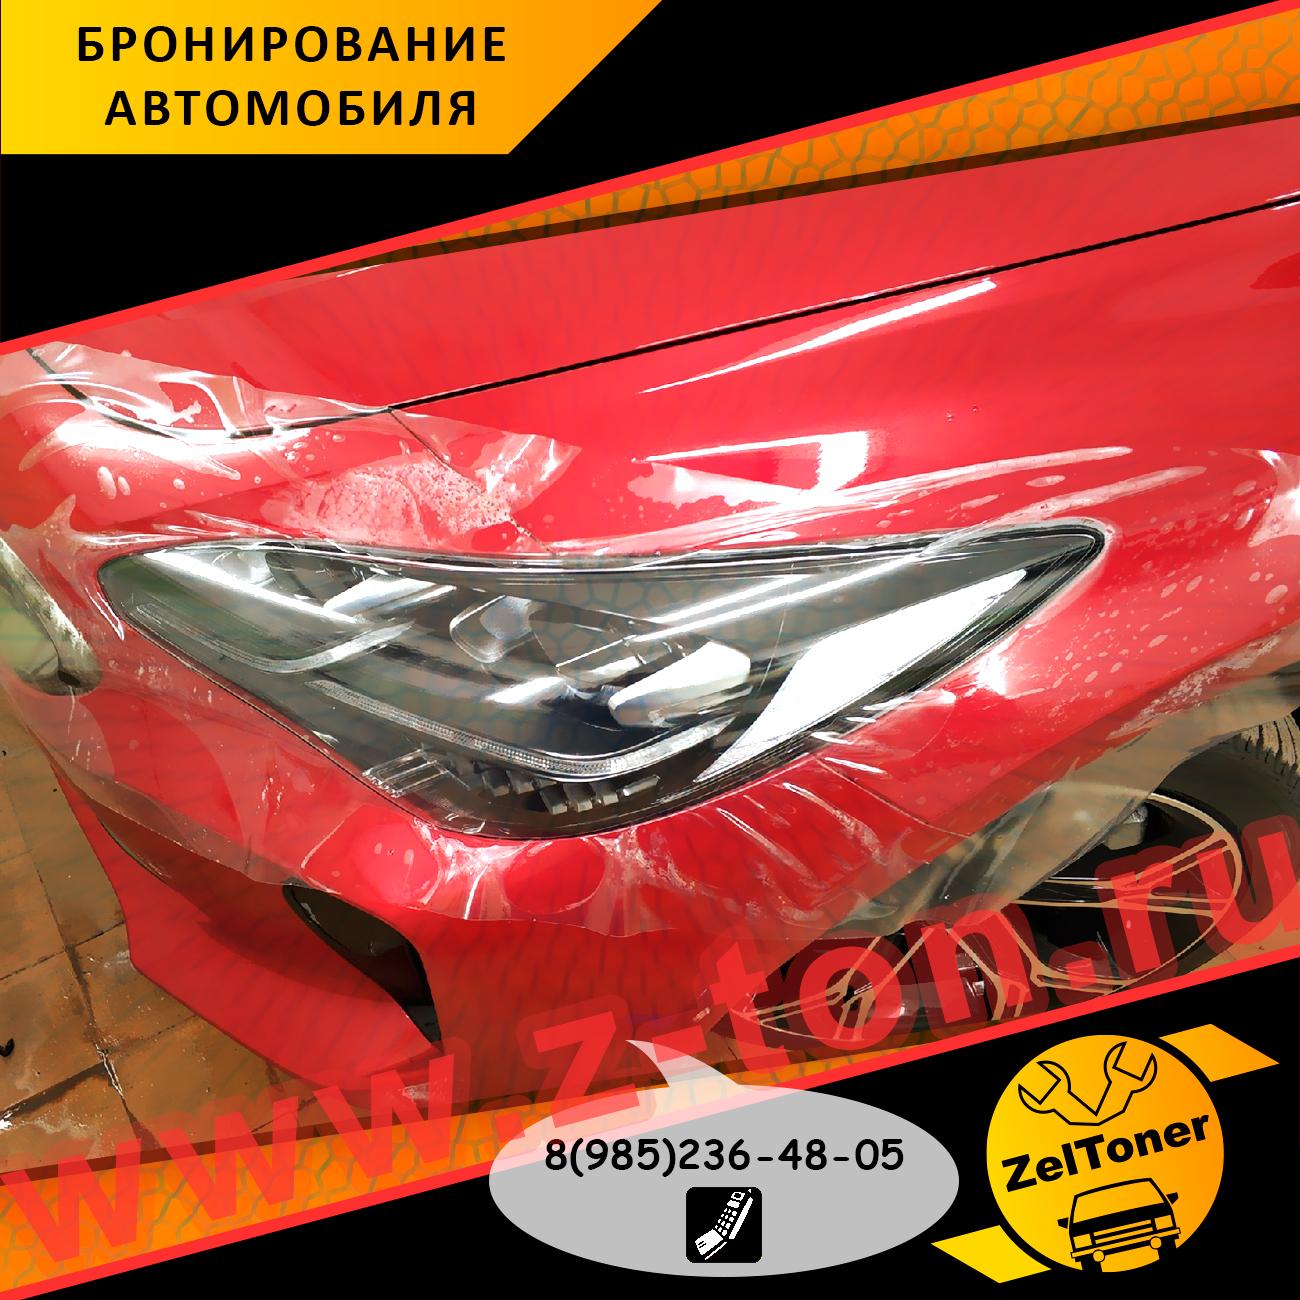 Бронирование автомобиля пленкой | Идеальный щит ТС сохранит | Антигравийная защита кузова